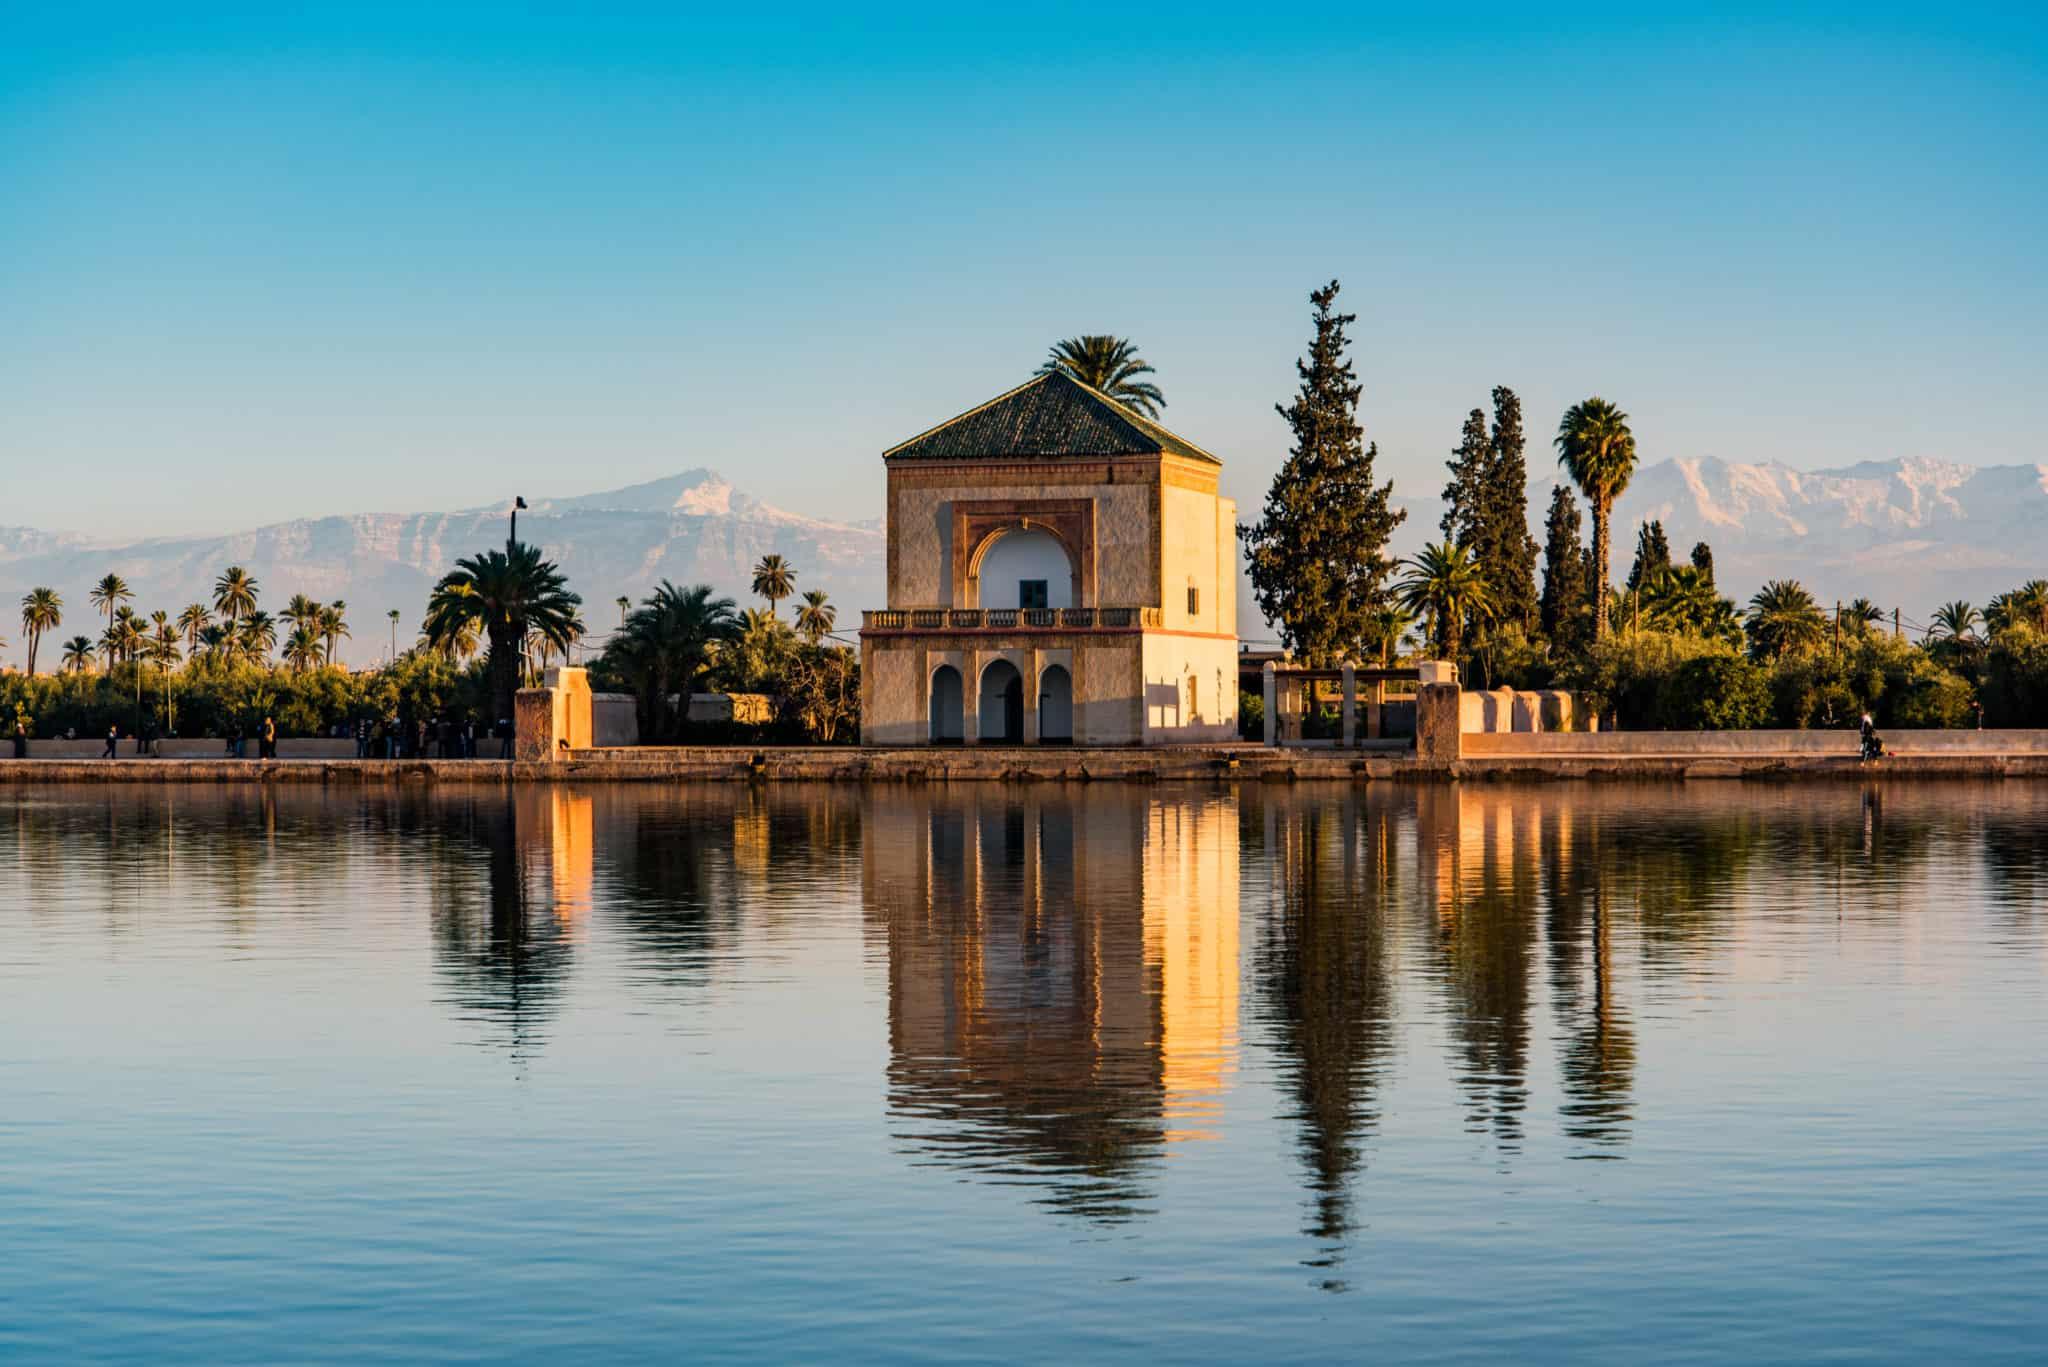 Pavillon im Menara Garten von Marrakesch